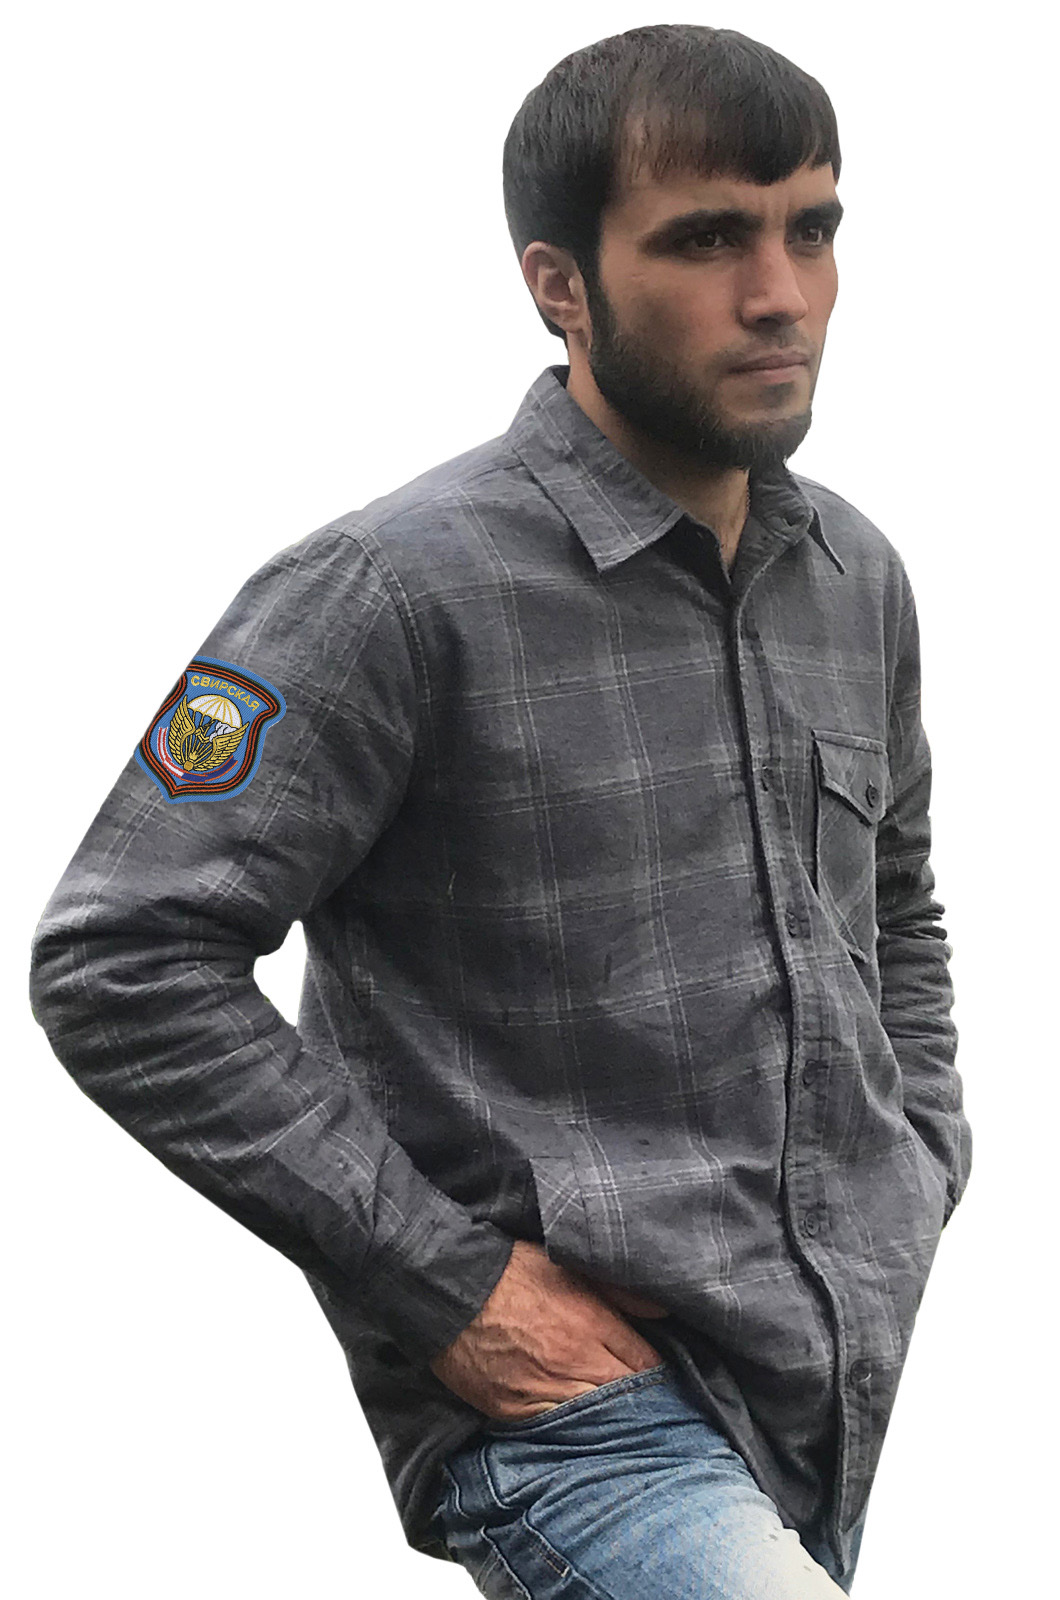 Мужская крутая рубашка с вышитым шевроном 98 Свирская дивизия